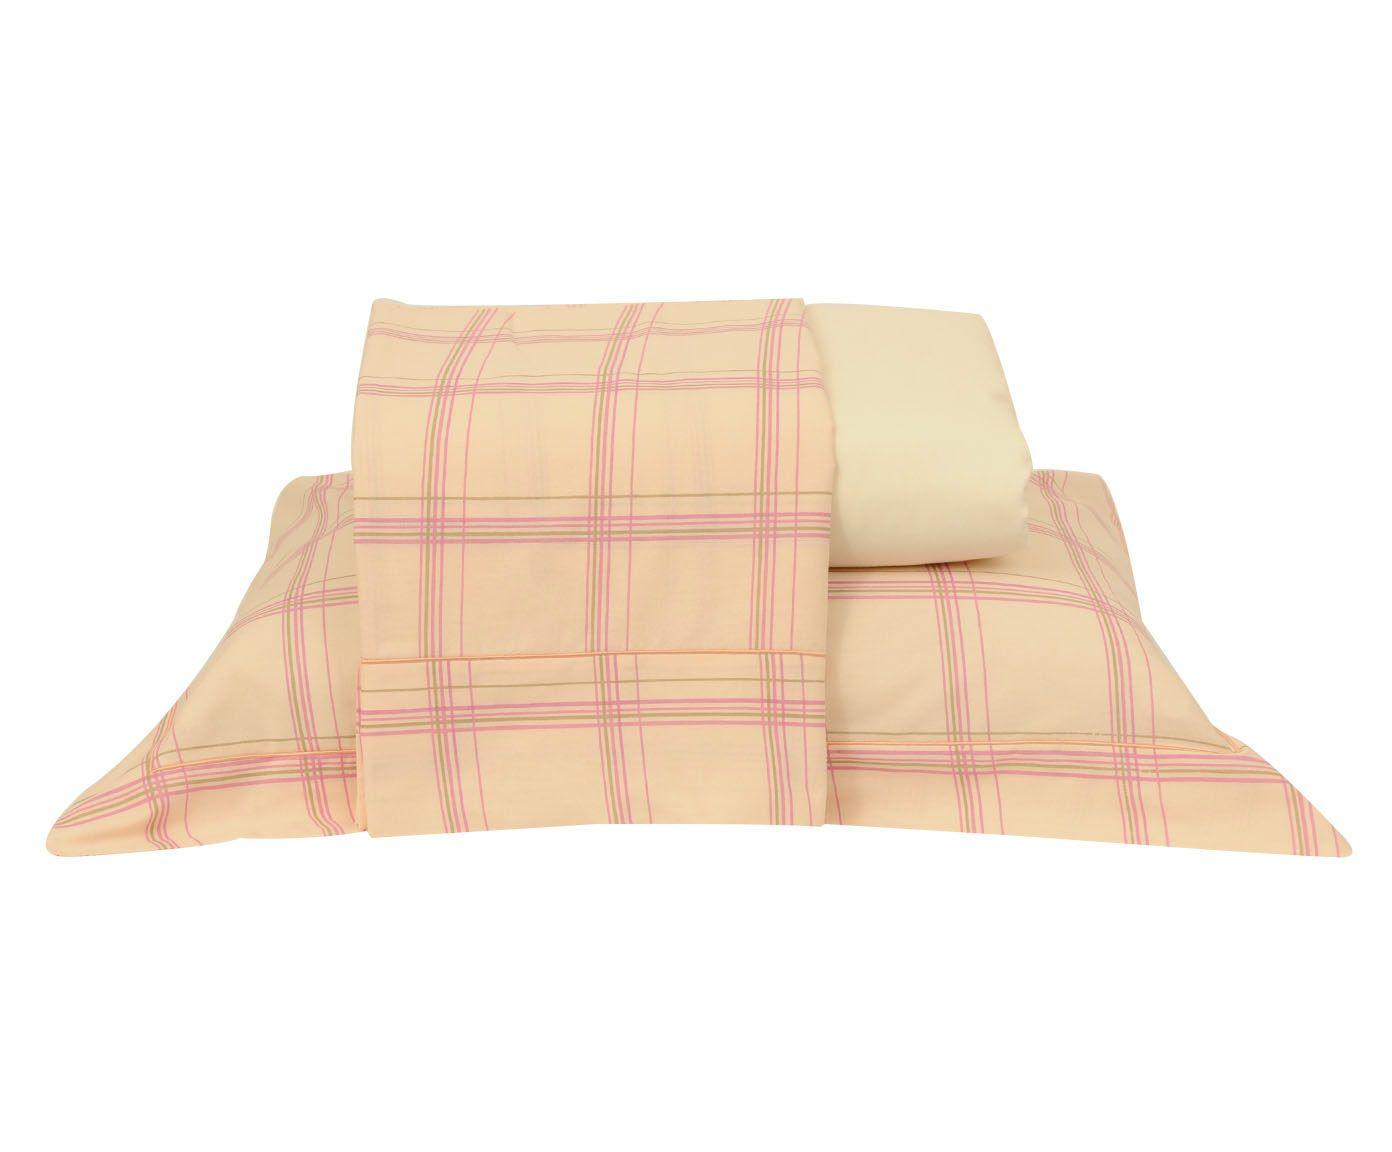 Jogo de lençol versatt stripes para cama queen size 150 fios   Westwing.com.br